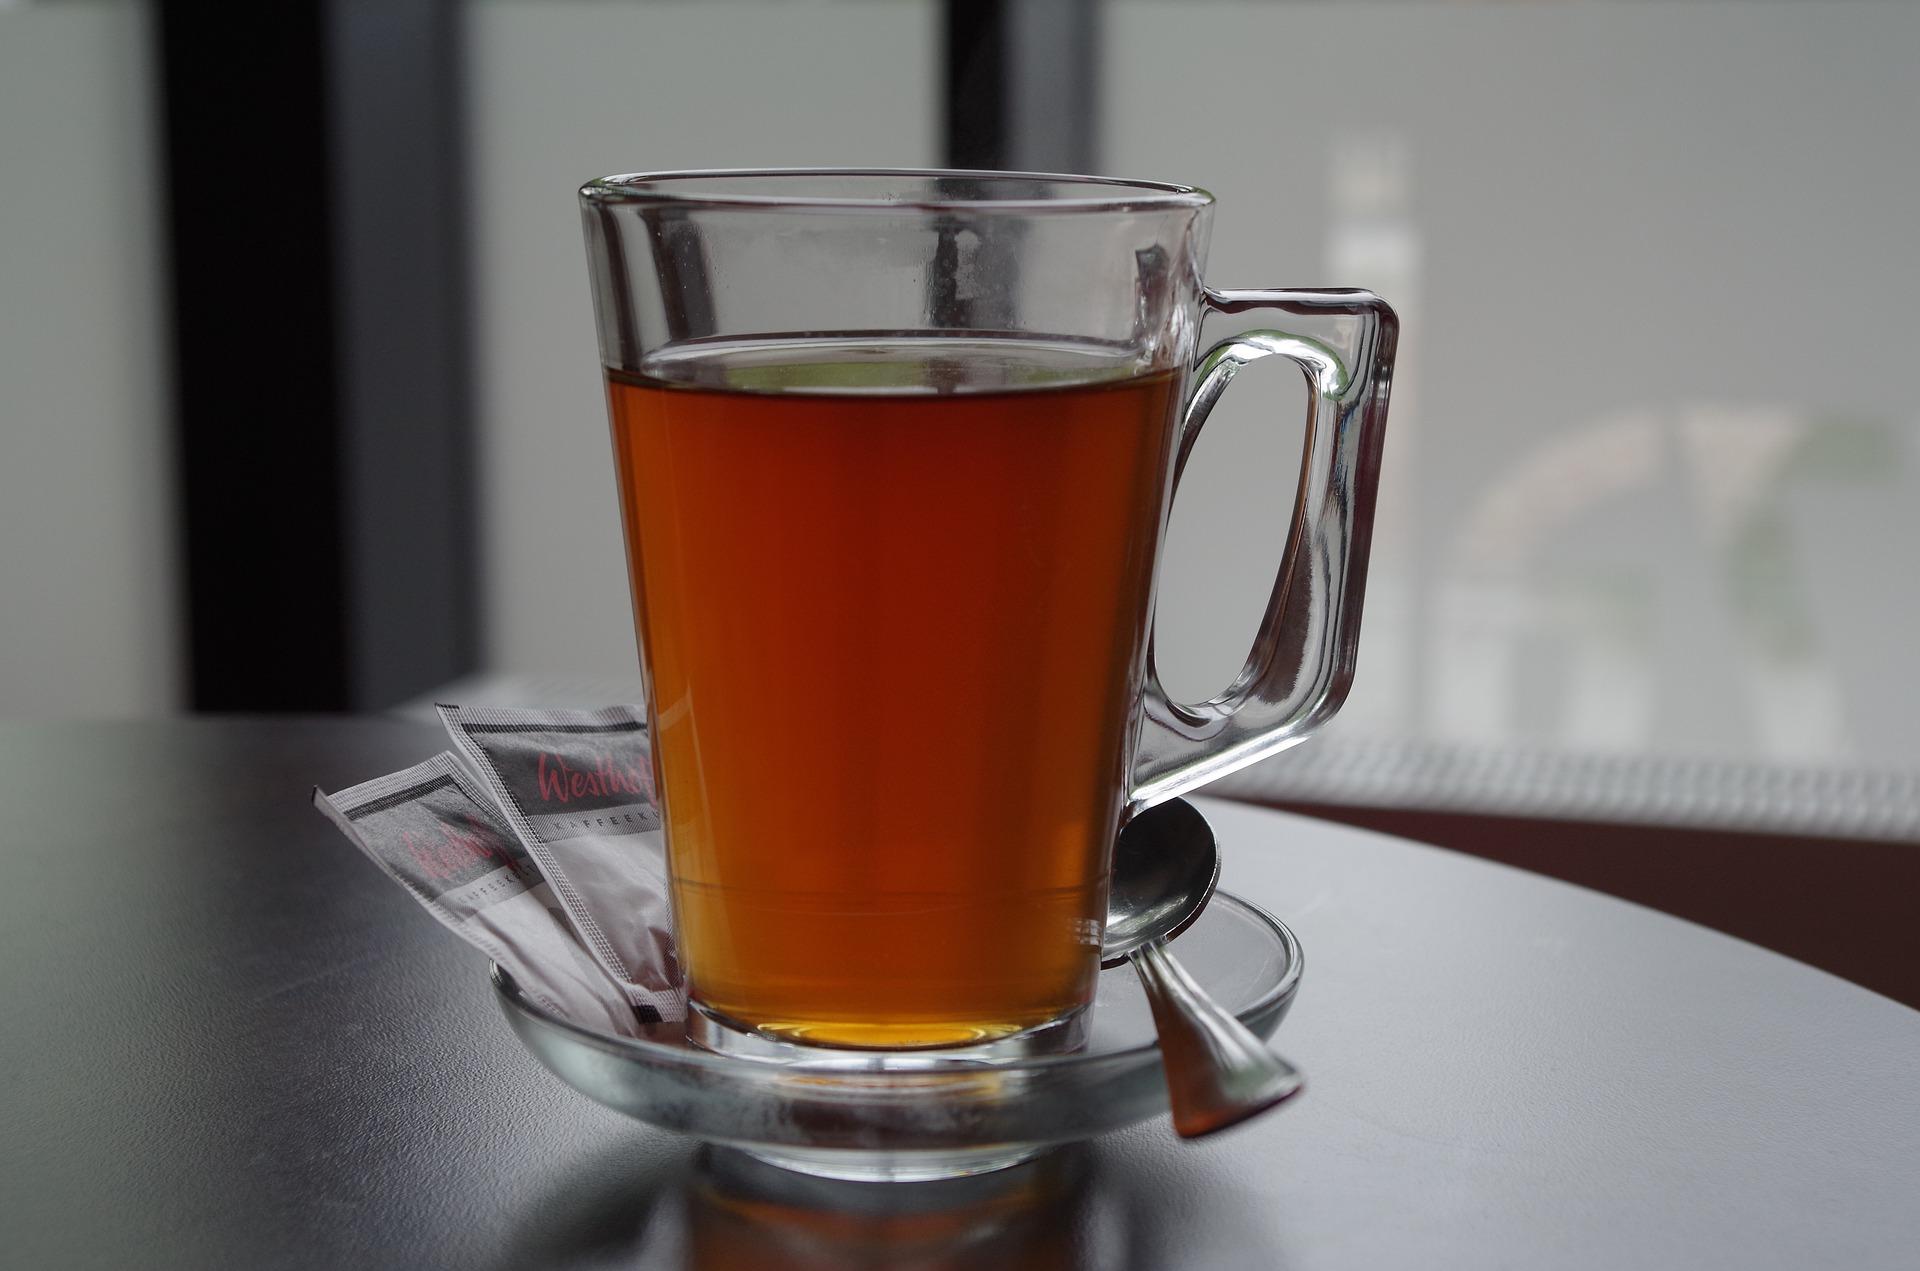 préparer un thé de chanvre CBD 3